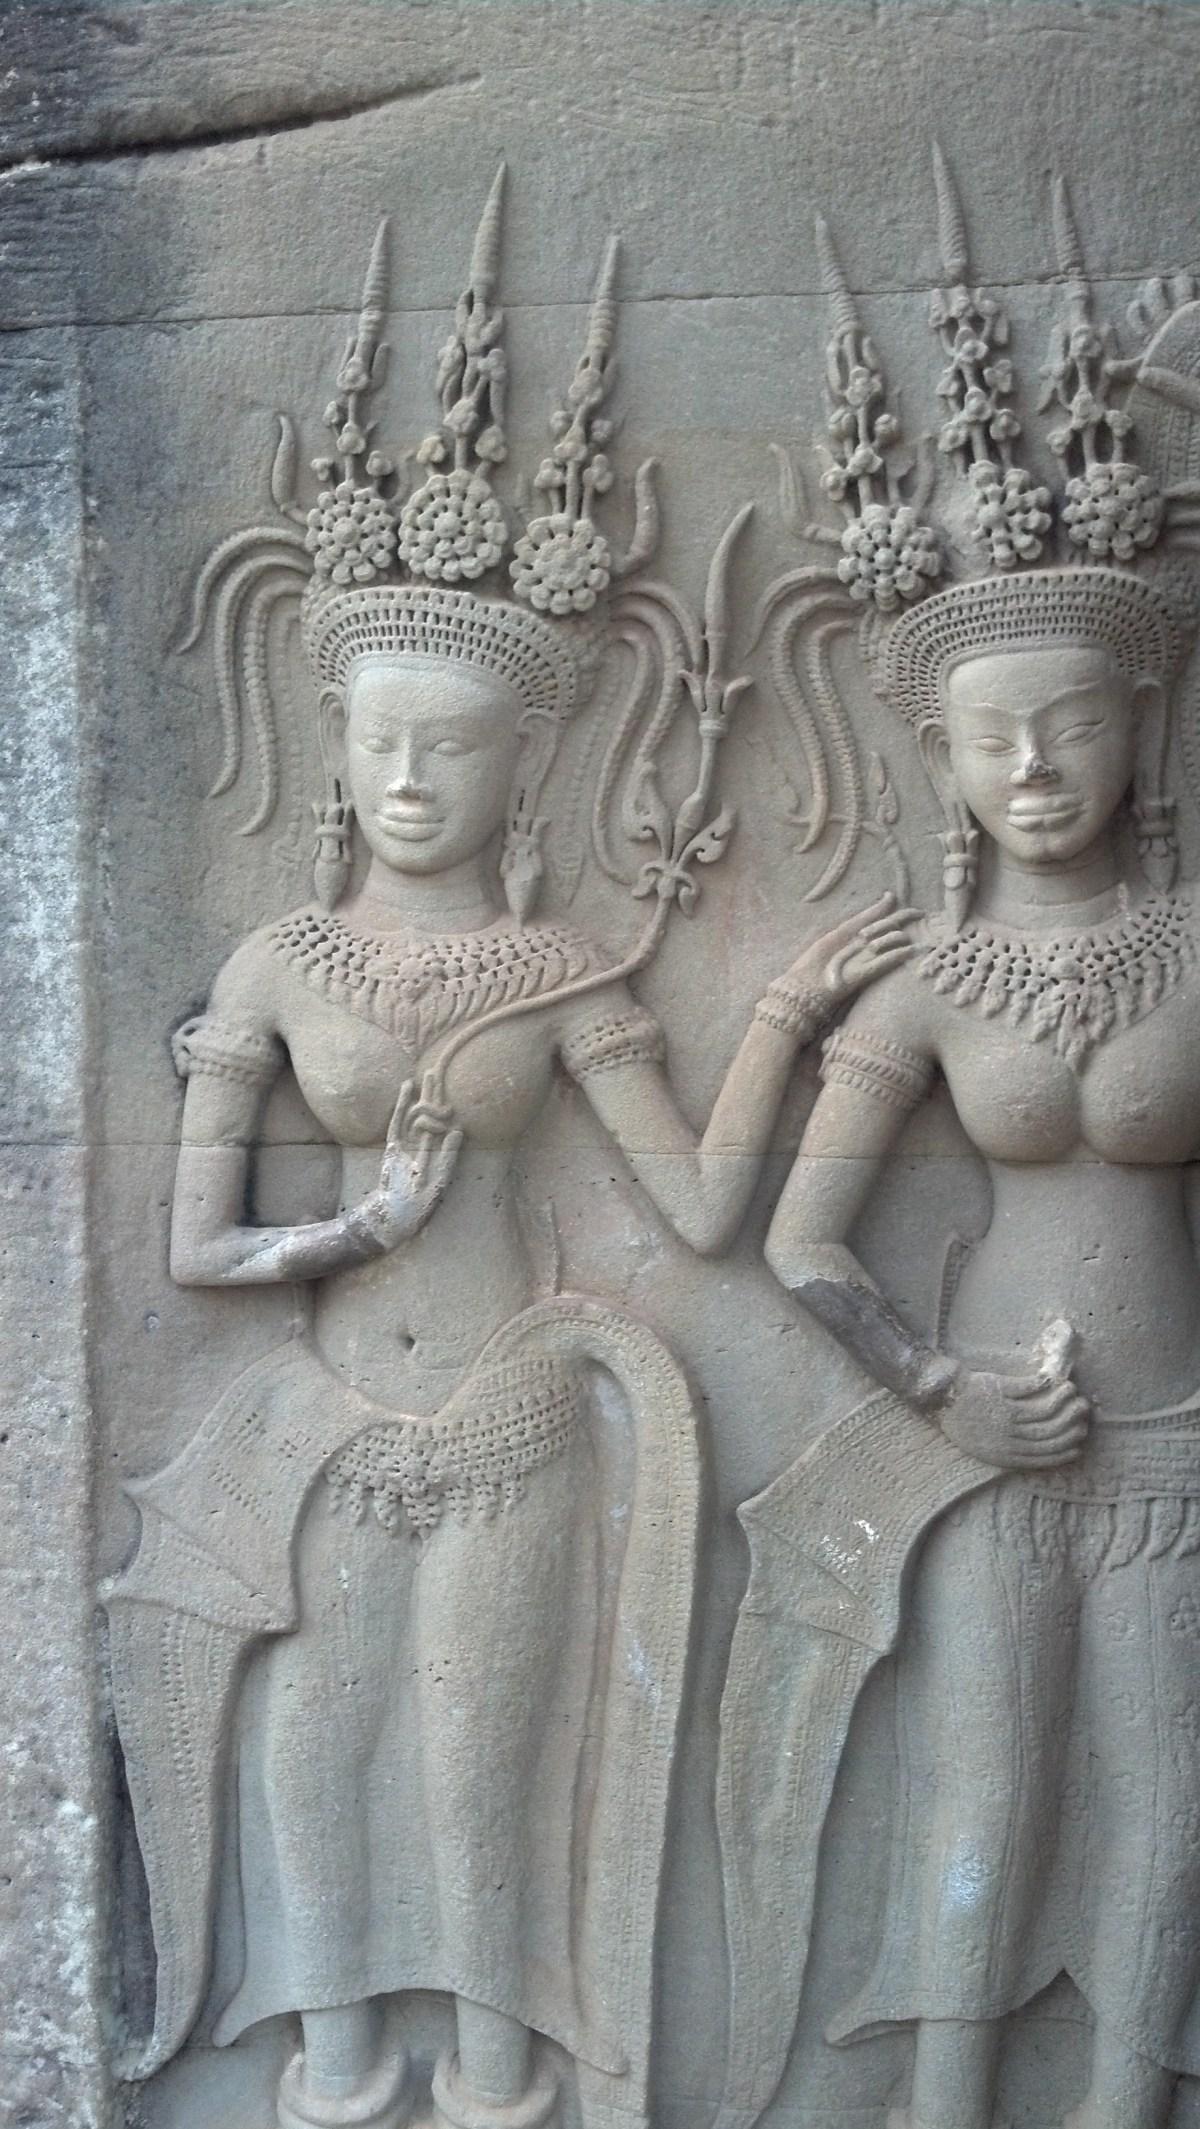 Angkor Wat: Photo Gallery